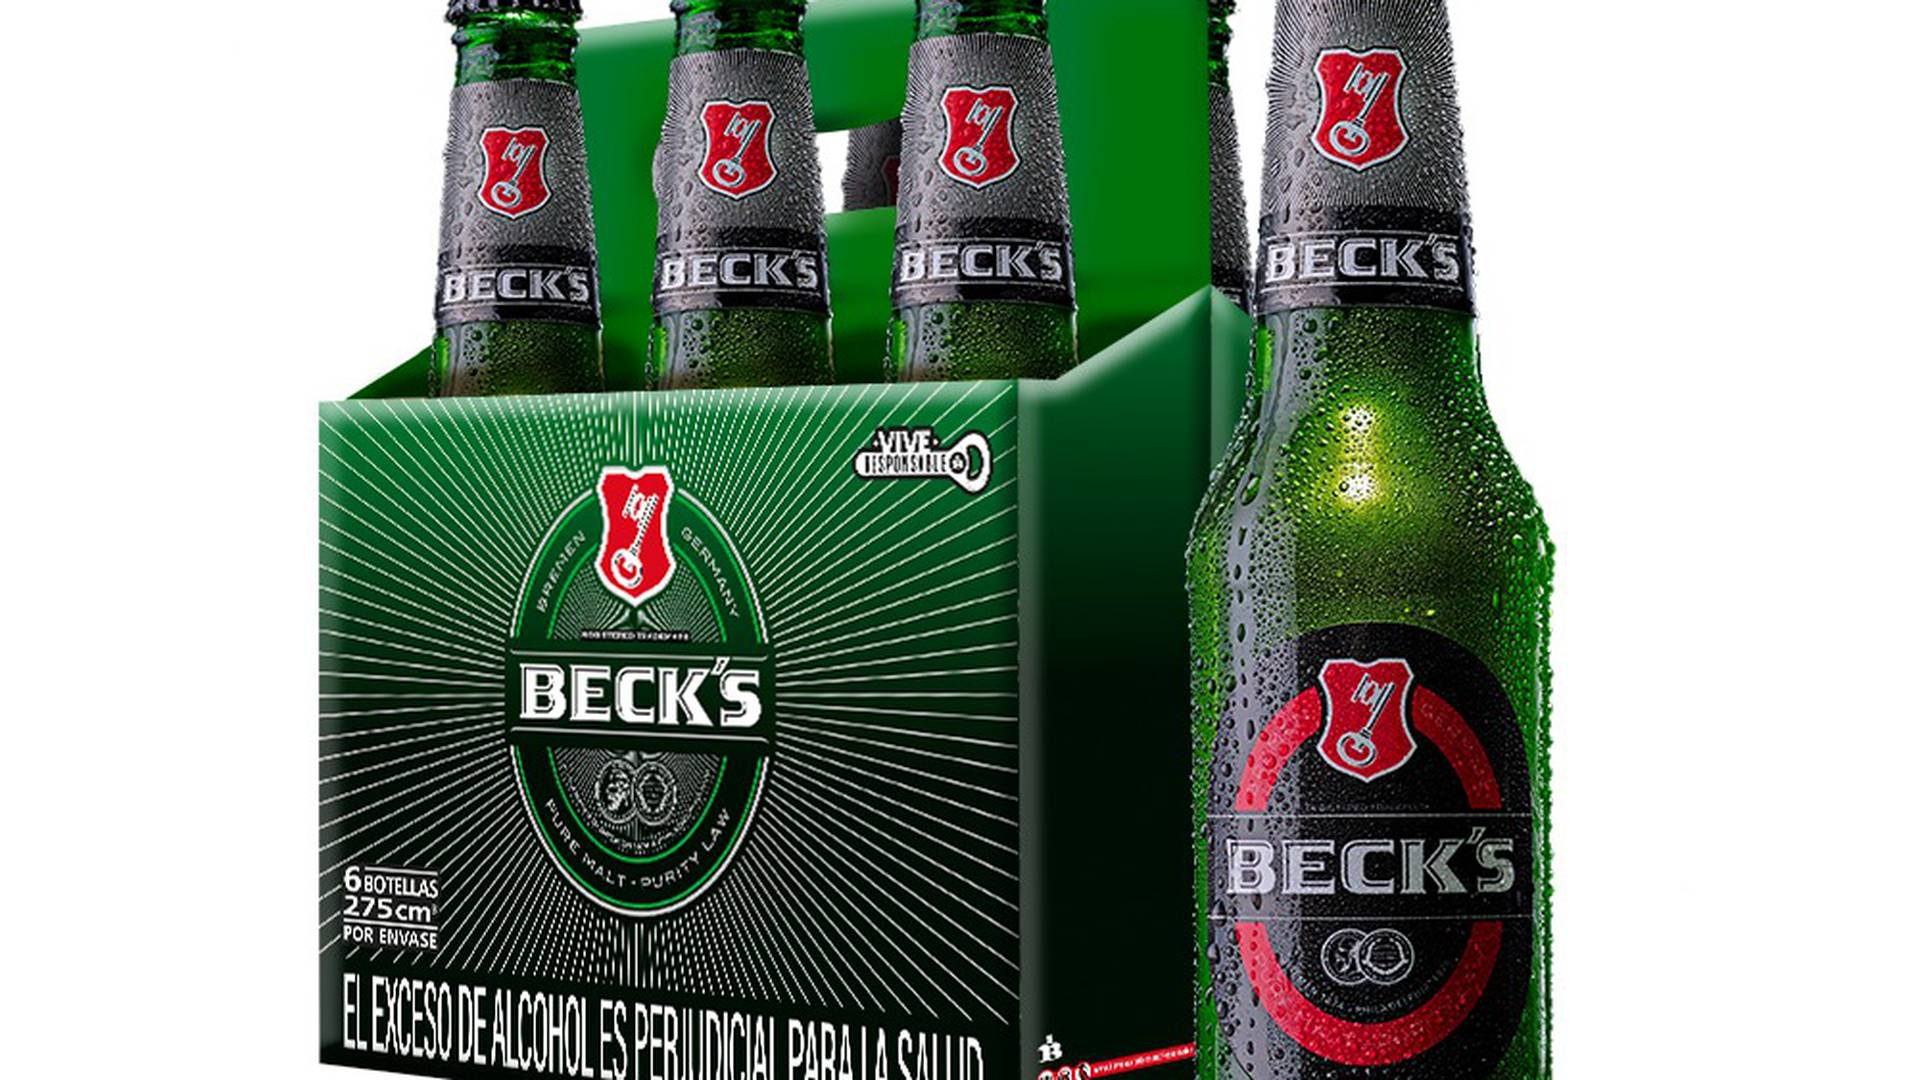 Bavaria relanza la cerveza alemana Beck's con nueva imagan y líquido.